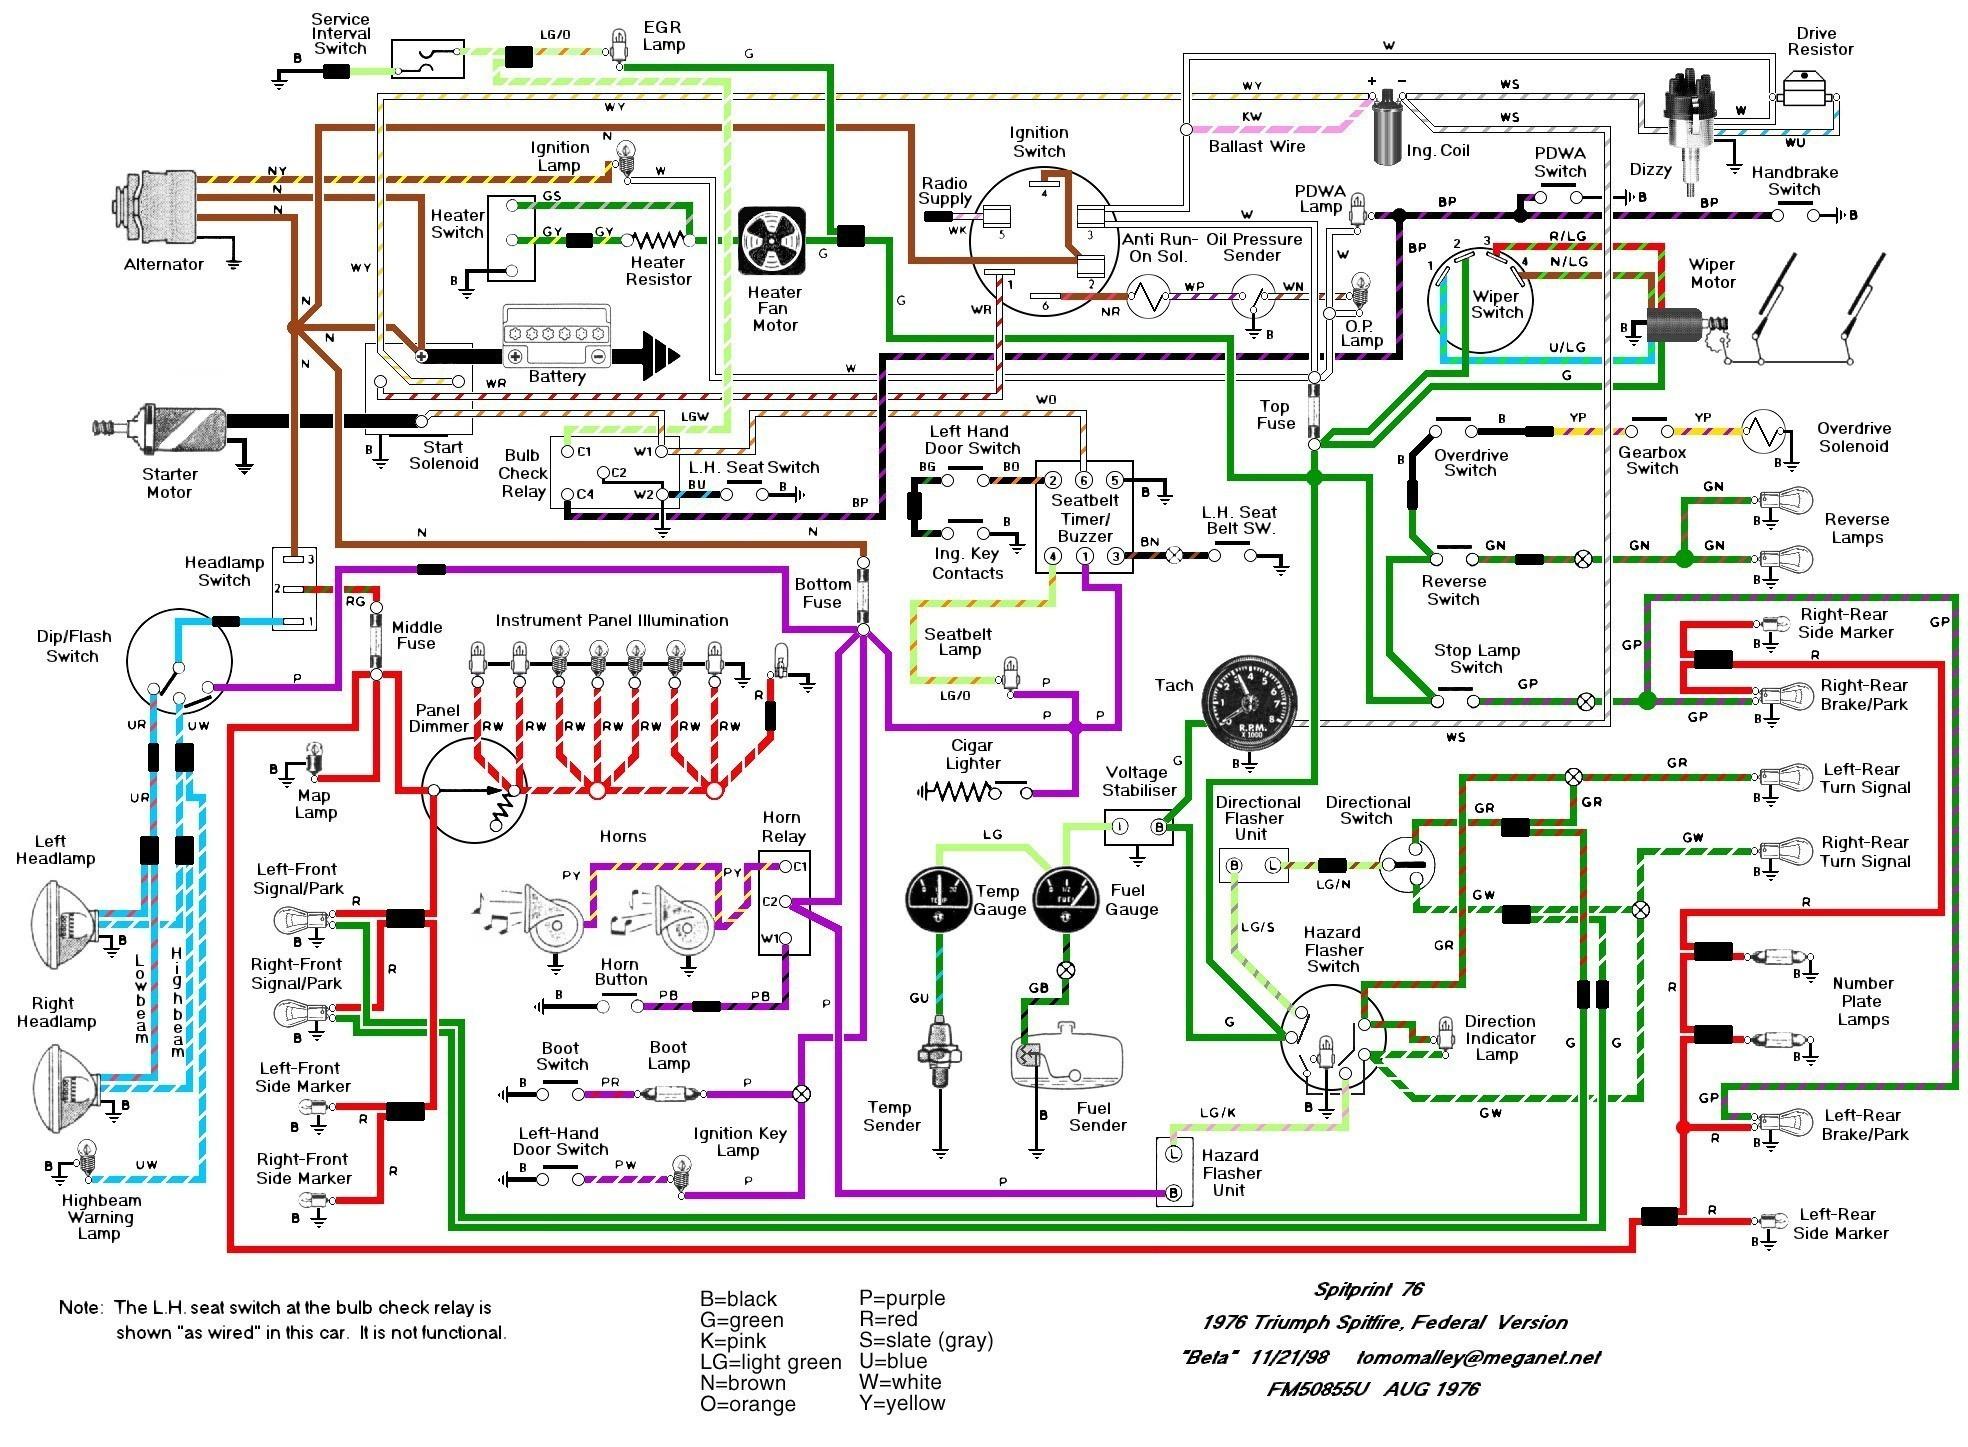 Wiring Diagram Software Mac : Seat belts diagram my wiring